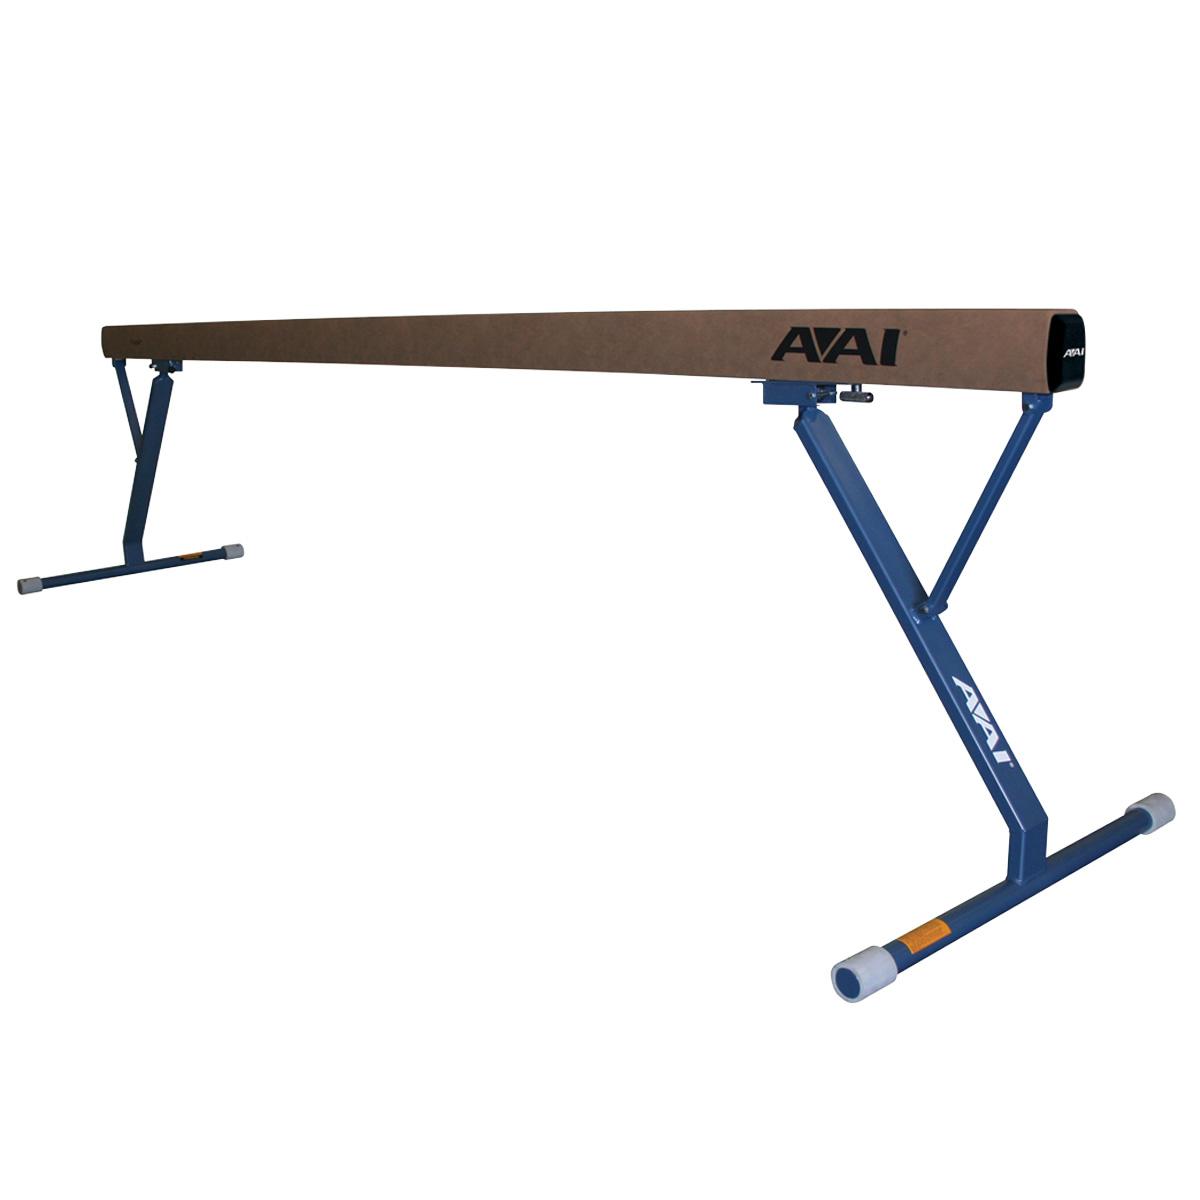 aai classic gymnastics balance beam - mancino mats